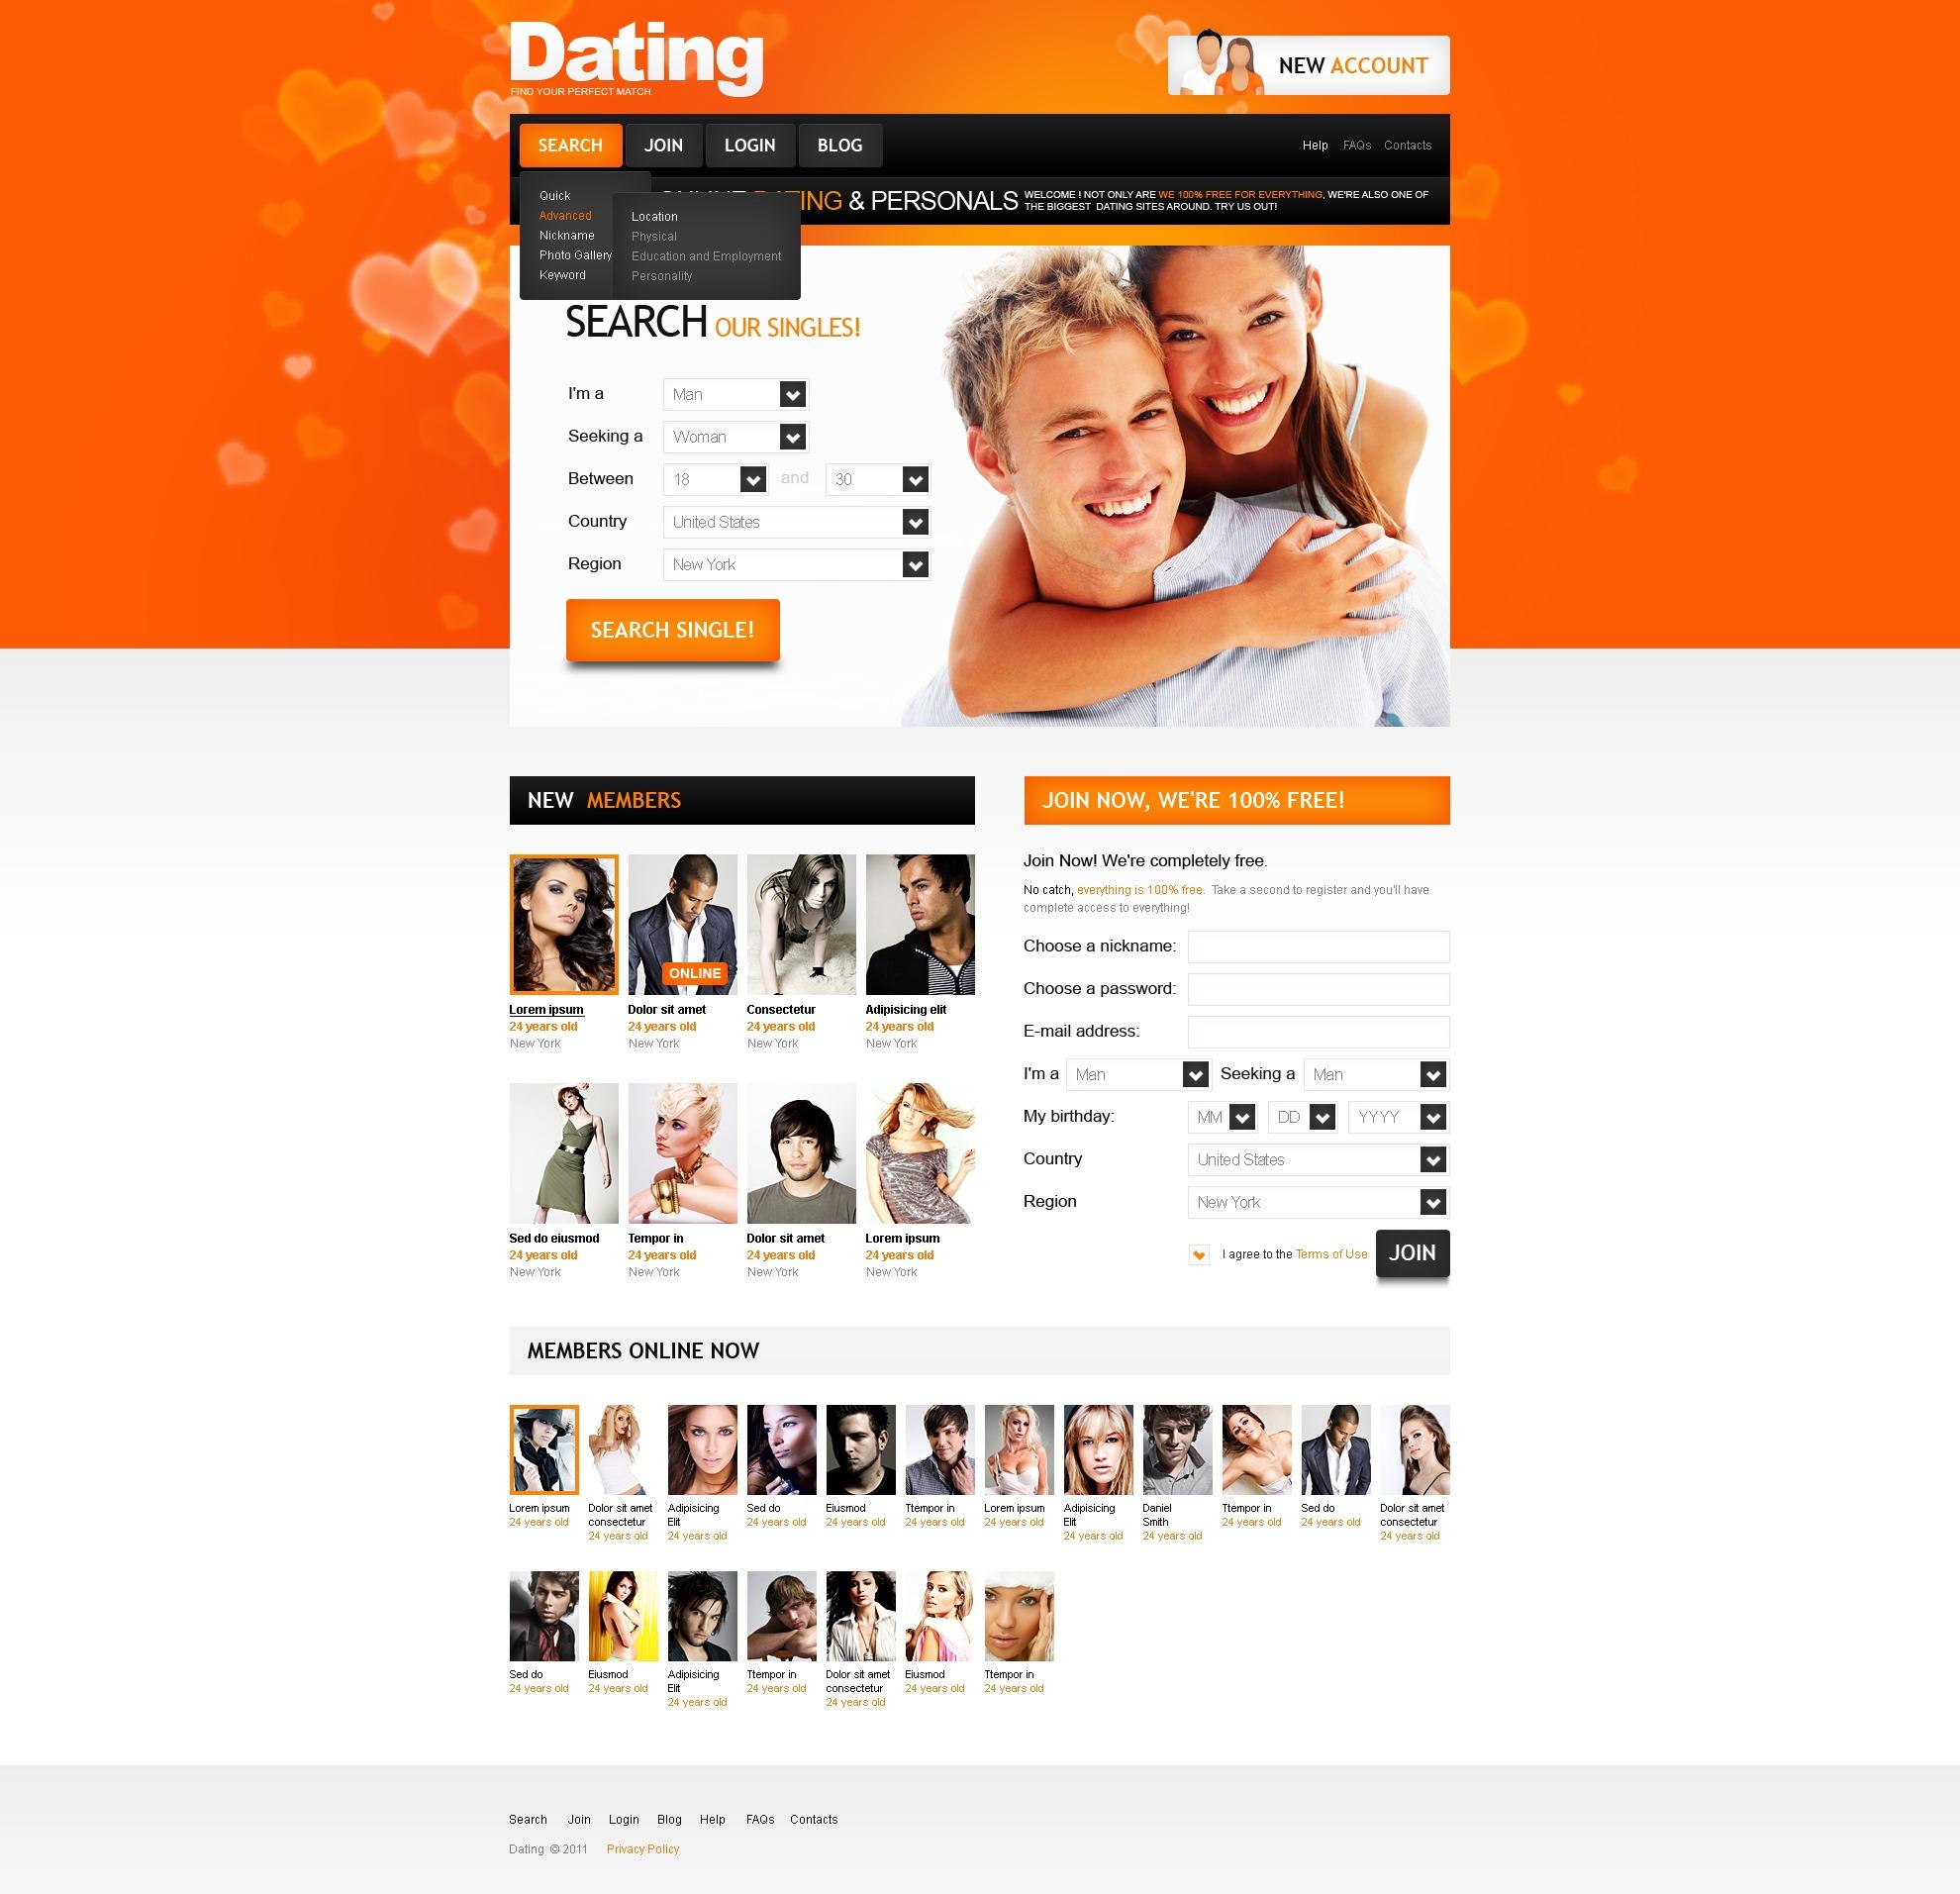 najlepsze intro e-mail randki online małżeństwo nie randkuje ep 9 sinopsis